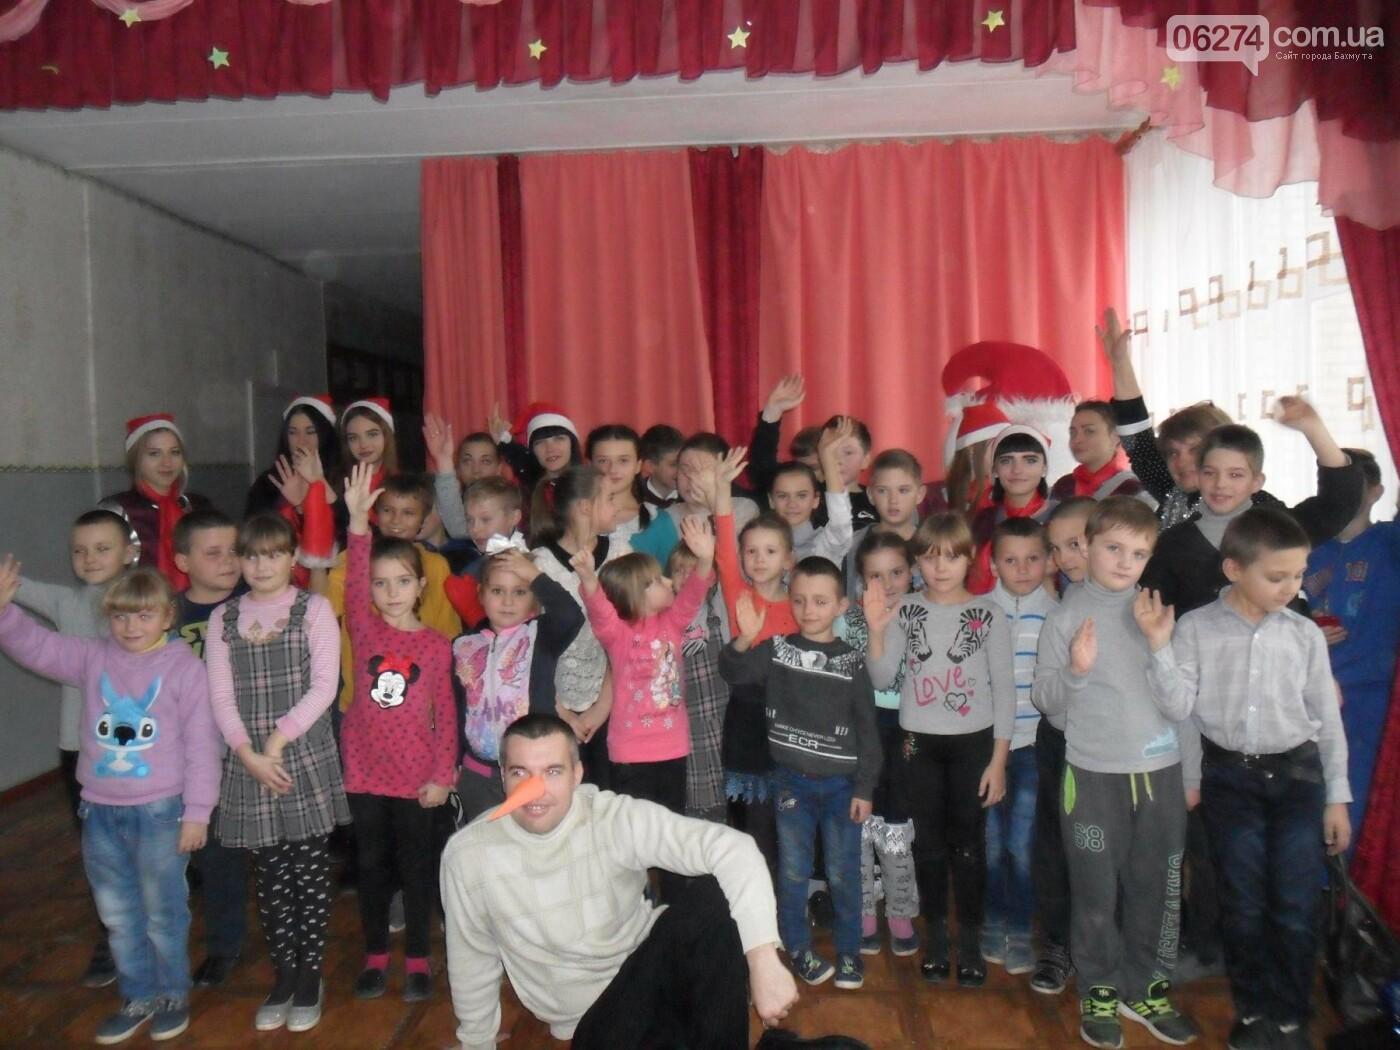 «Праздничный экспресс» побывал в гостях у школьников Бахмутского района, фото-10